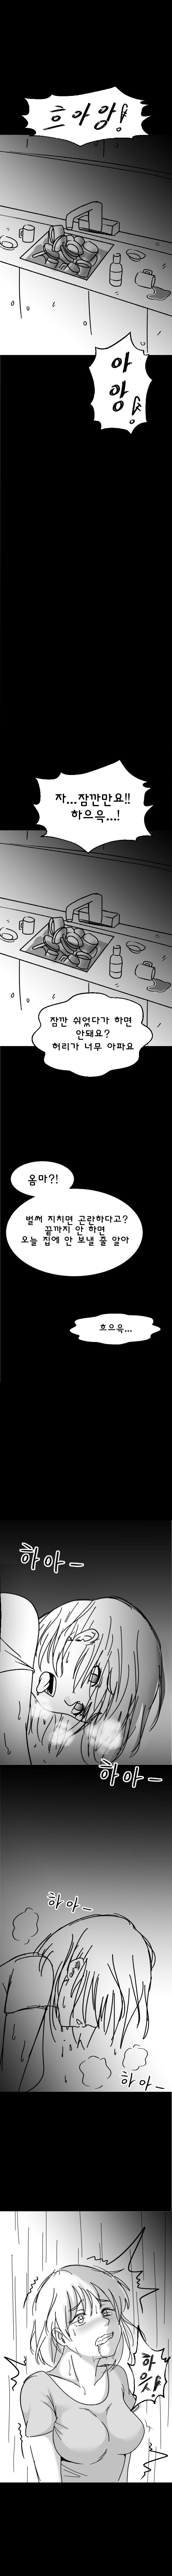 순진한유부녀10.png ㅇㅎ) 순진한 유부녀.manhwa